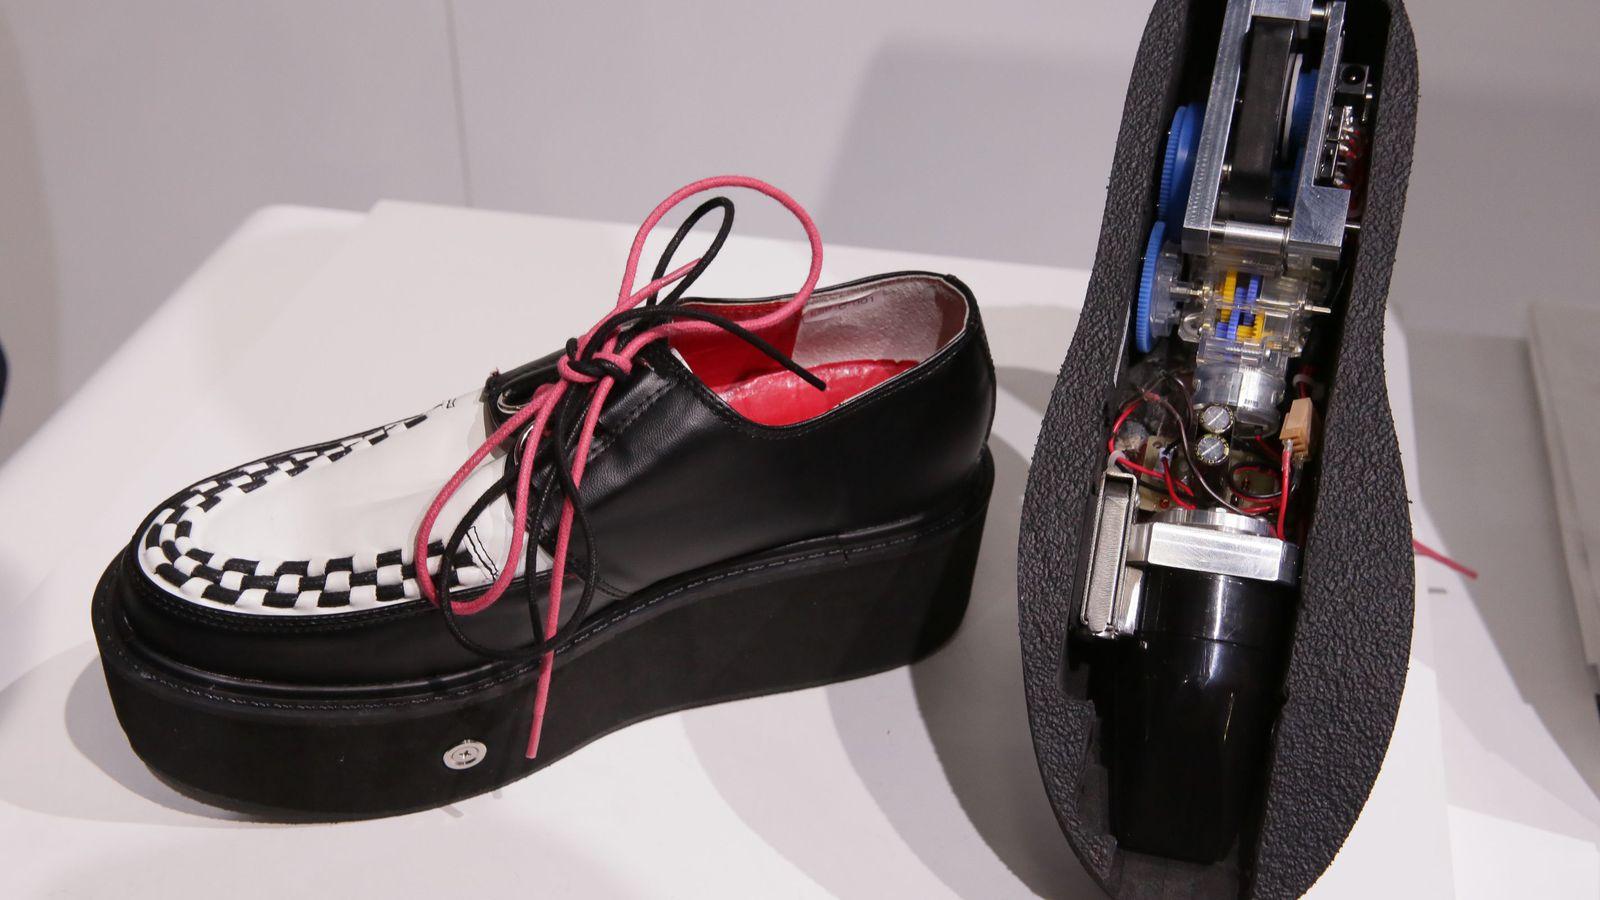 denso-vacuum-shoe-ces-2017 gadget